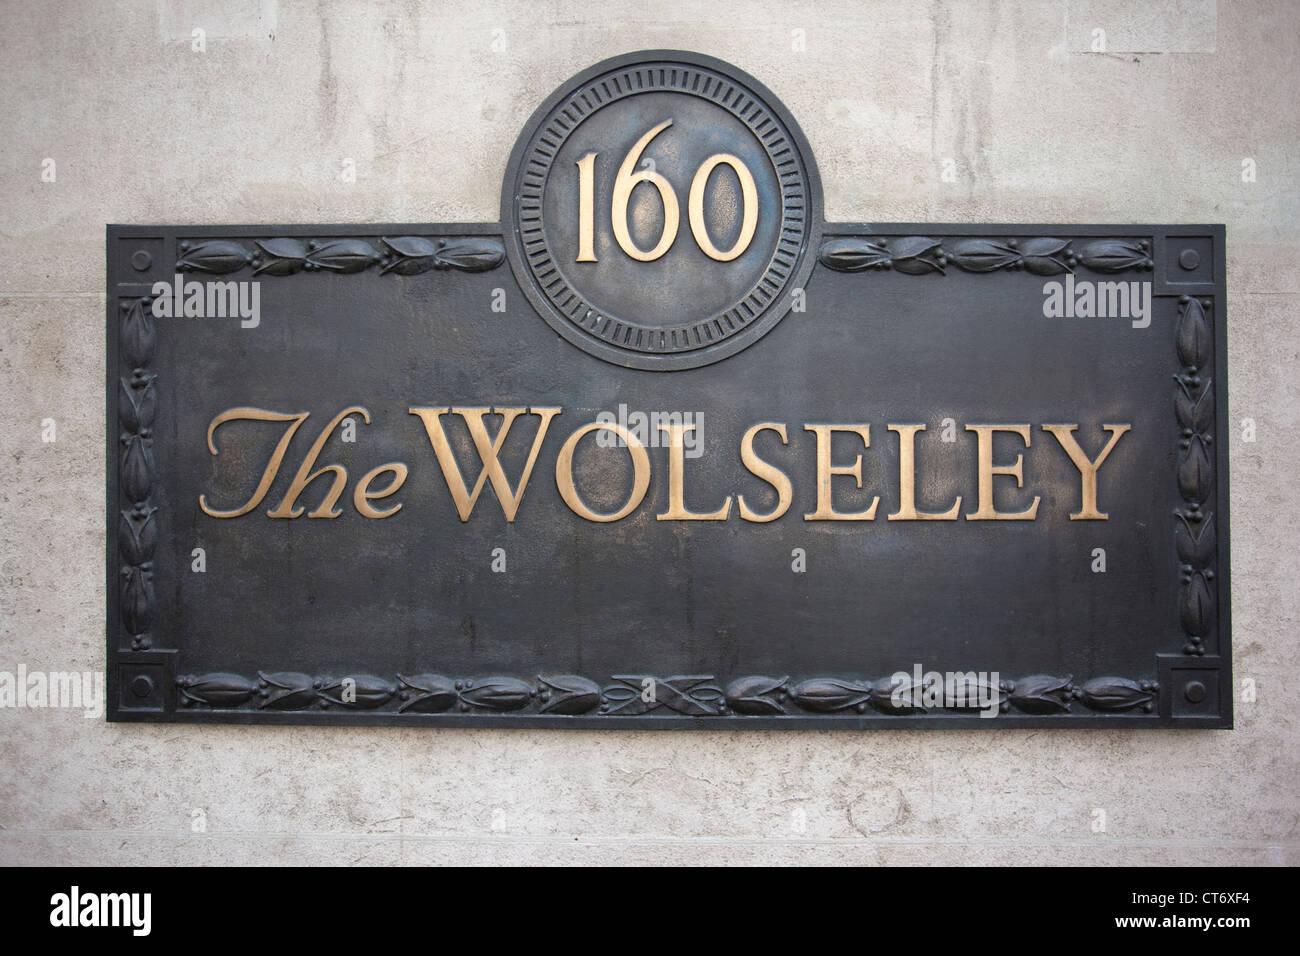 The Wolseley restaurant 160 Piccadilly, London, England, United Kingdom - Stock Image